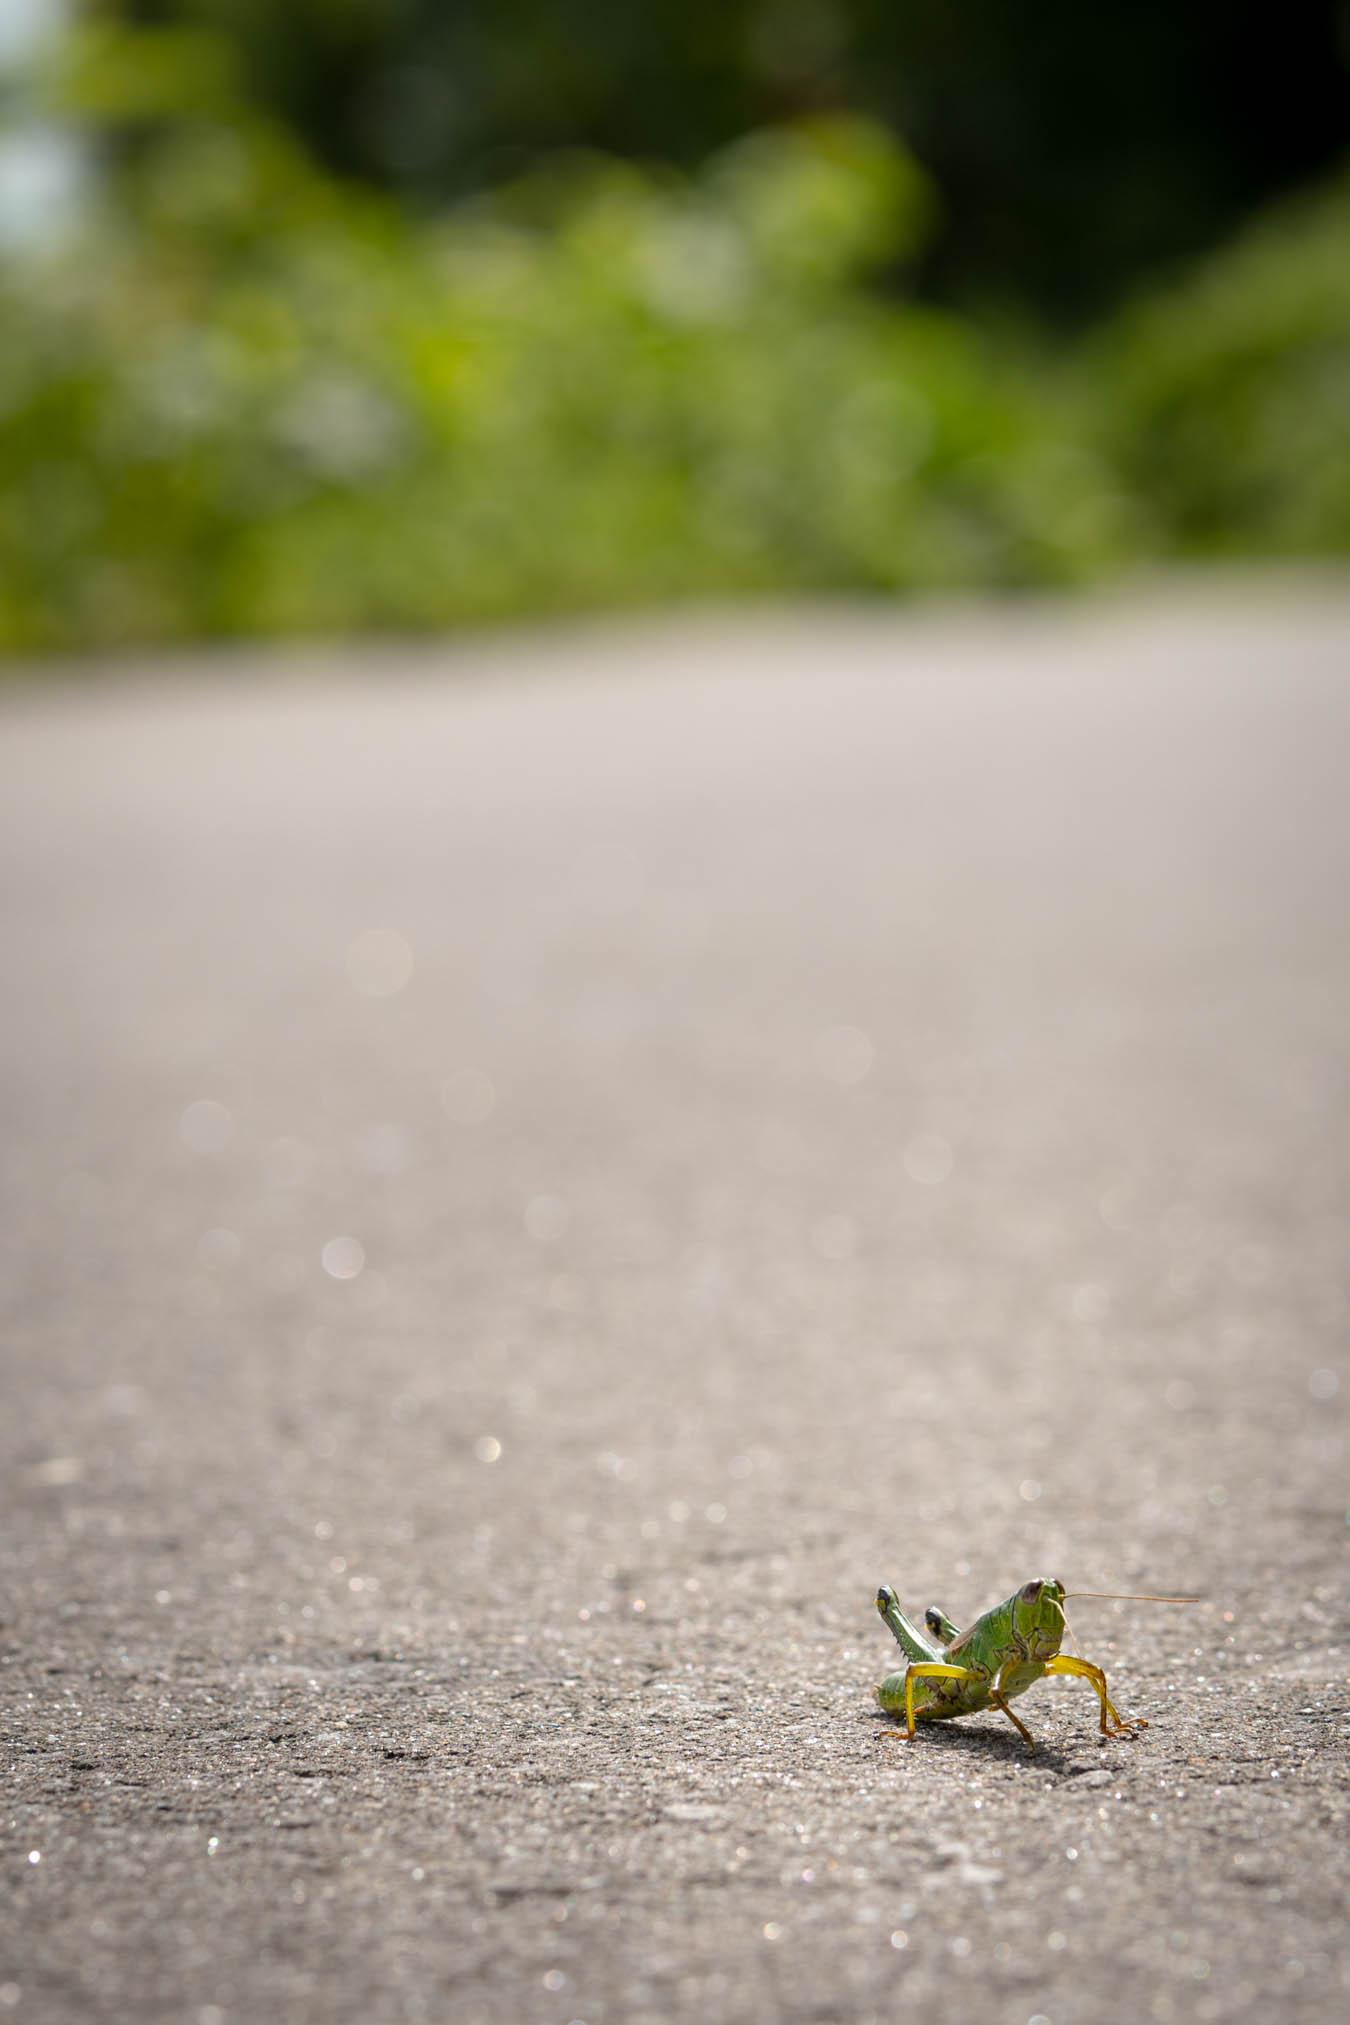 アスファルト道路の上で陽差しを浴びるバッタ